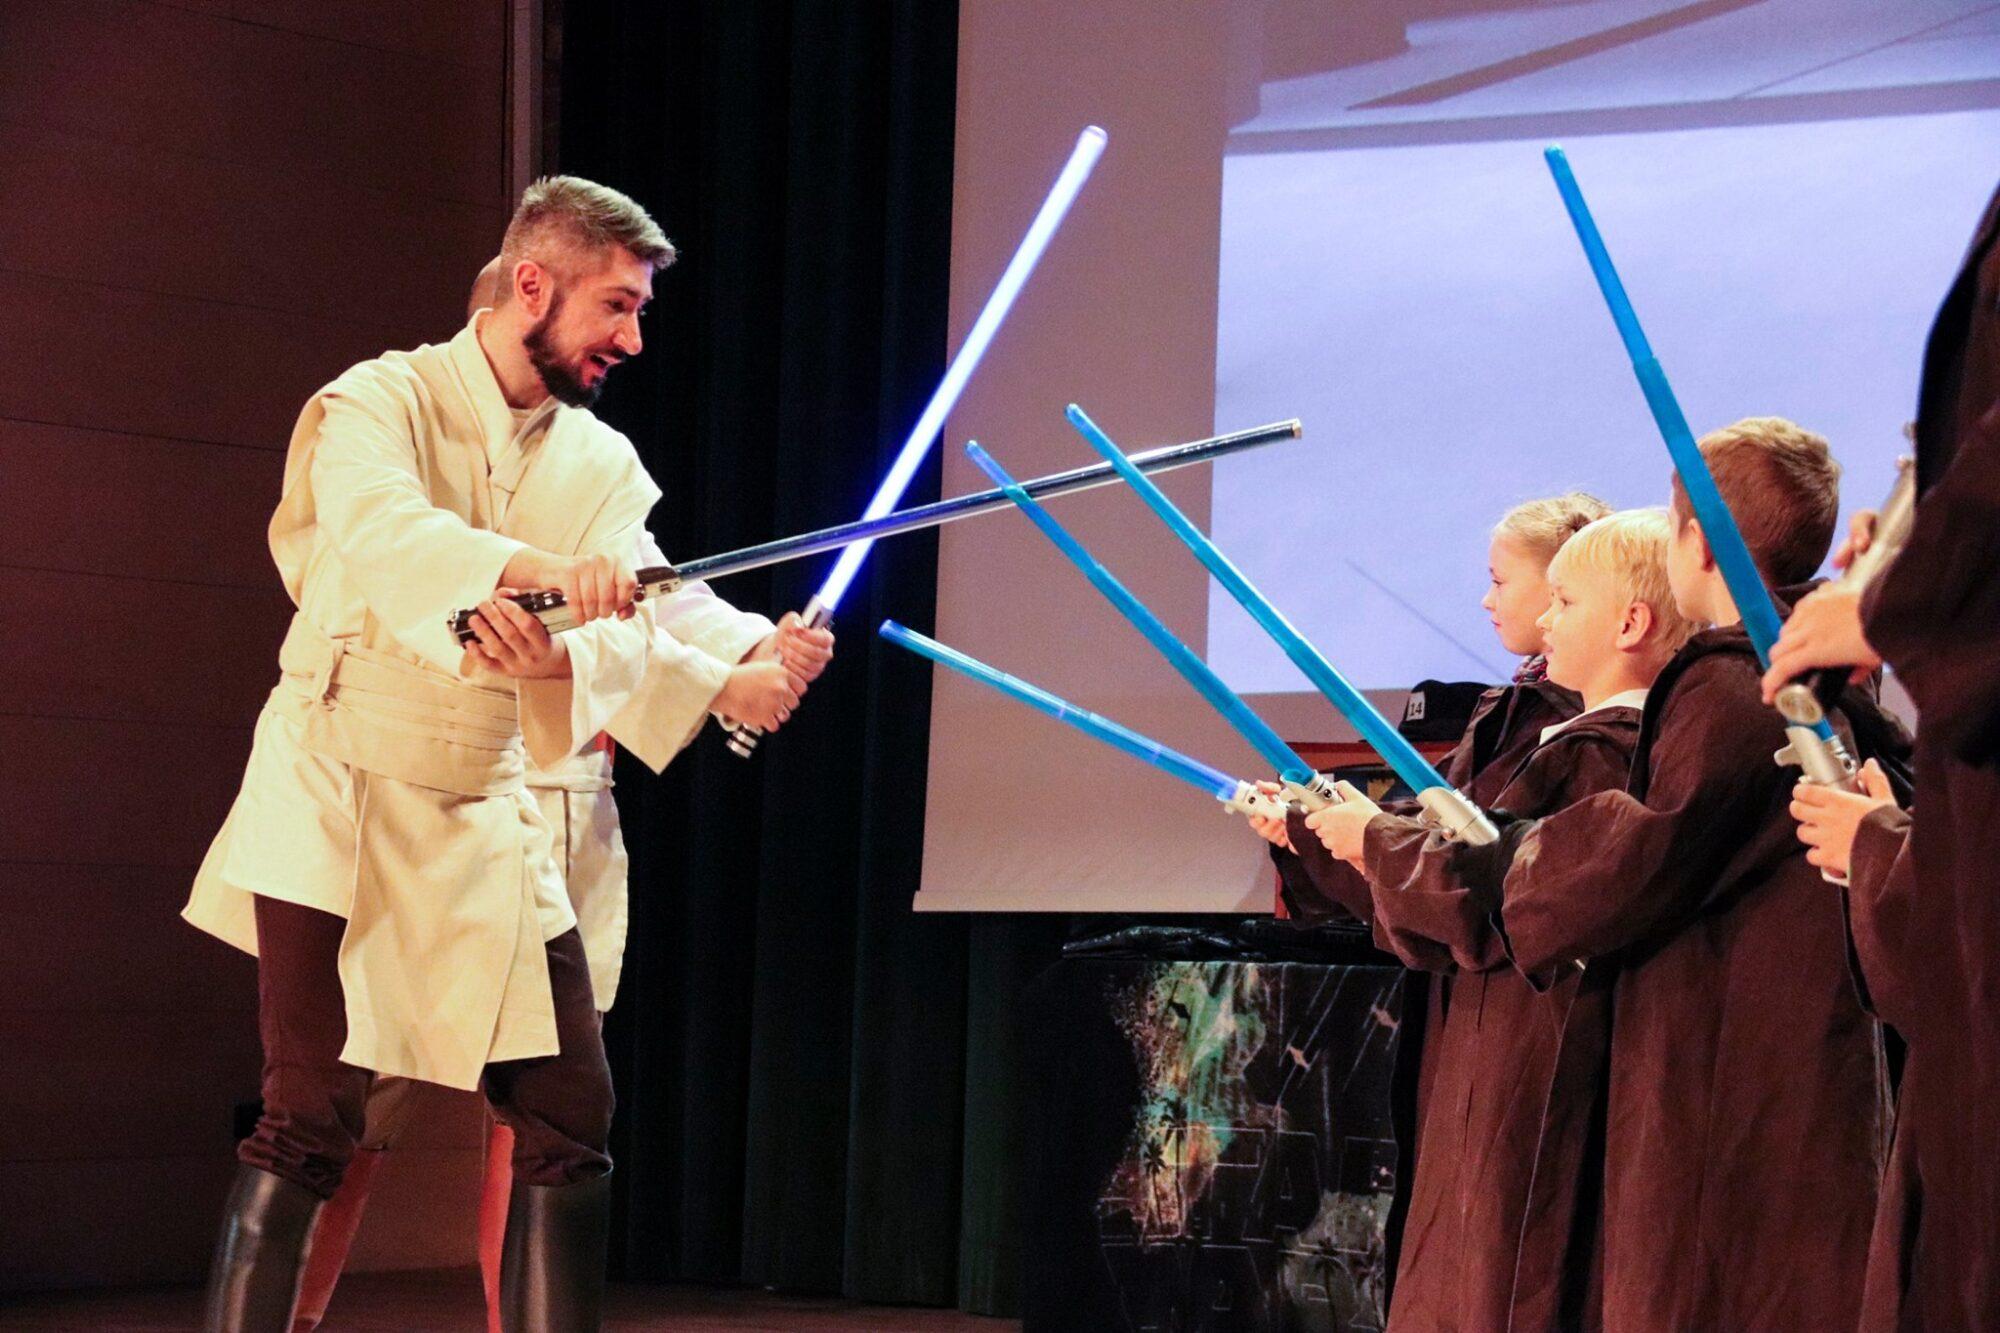 Po lewej stronie mężczyzna w białej bluzie i brązowych spodniach, po prawej grupa dzieci w brązowych długich okryciach Wszyscy trzymają niebieskie długie przedmioty przypominające miecze